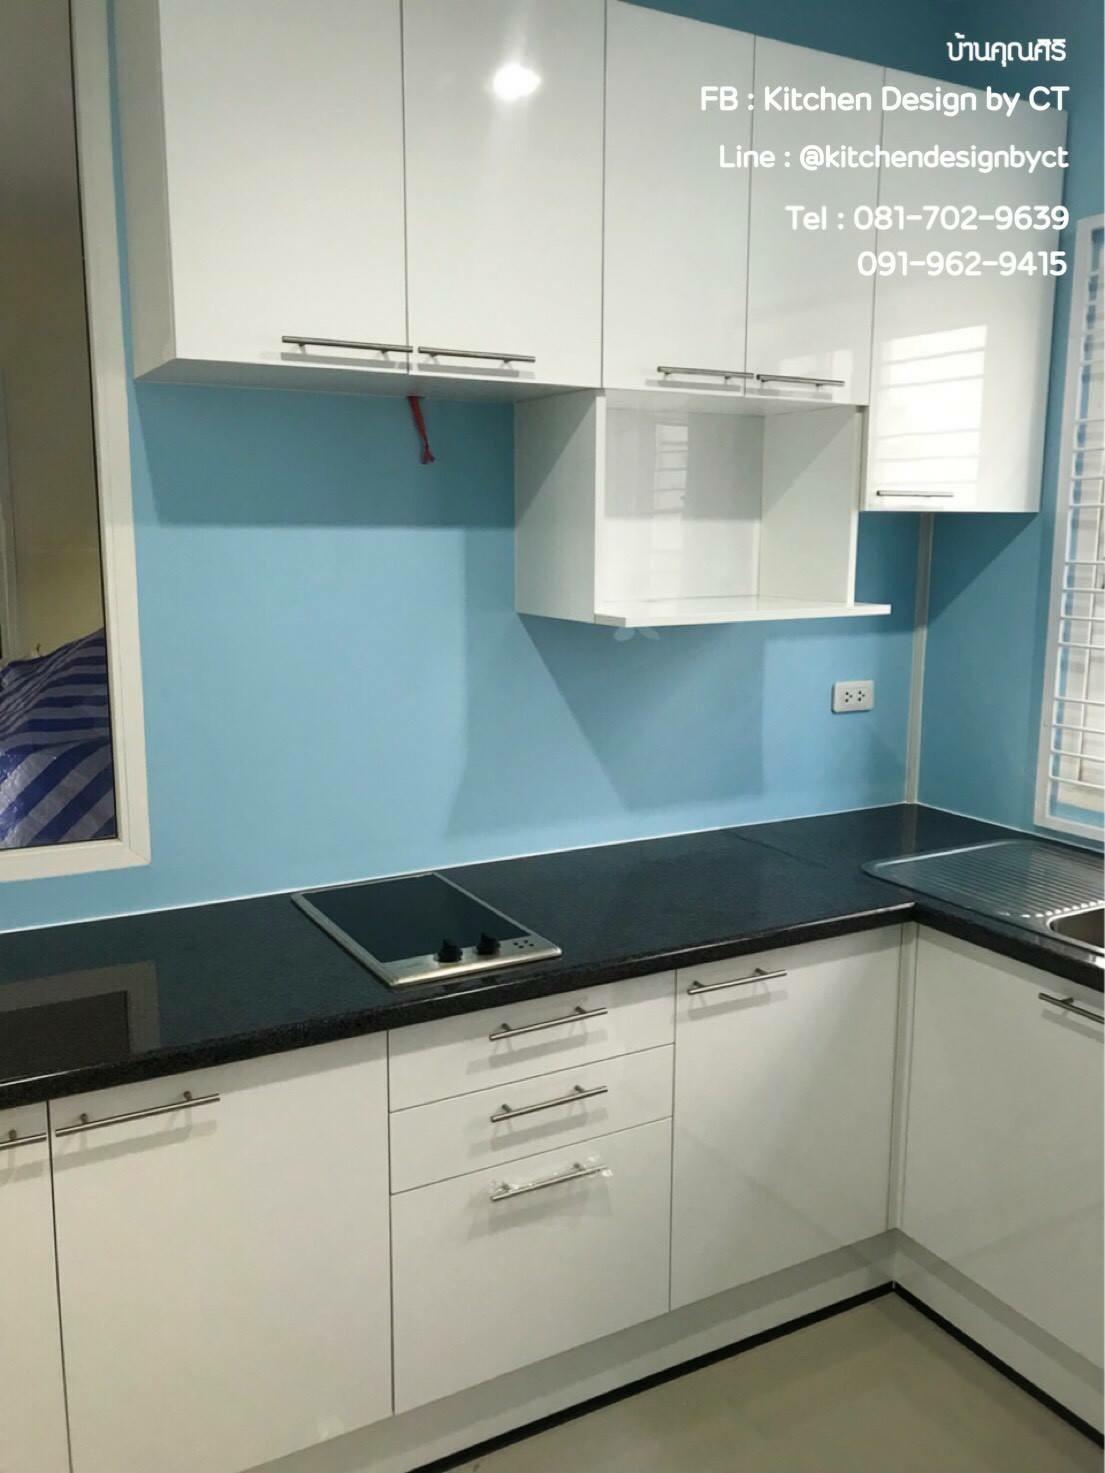 Glossy White Kitchen (ชุดครัวบิ้วอินสีขาวเงา)